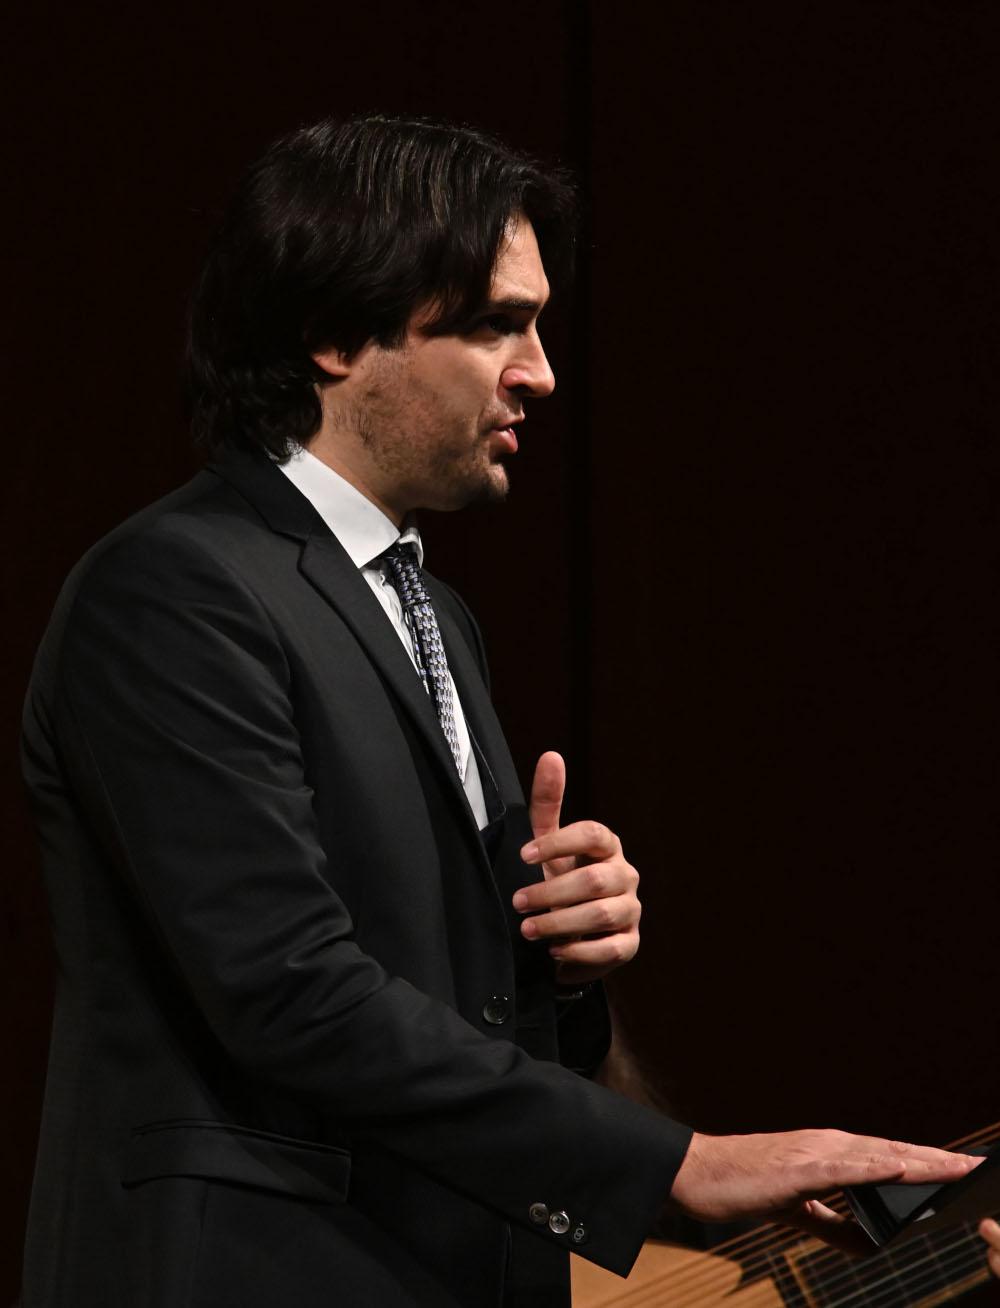 Ph. Umberto Favretto